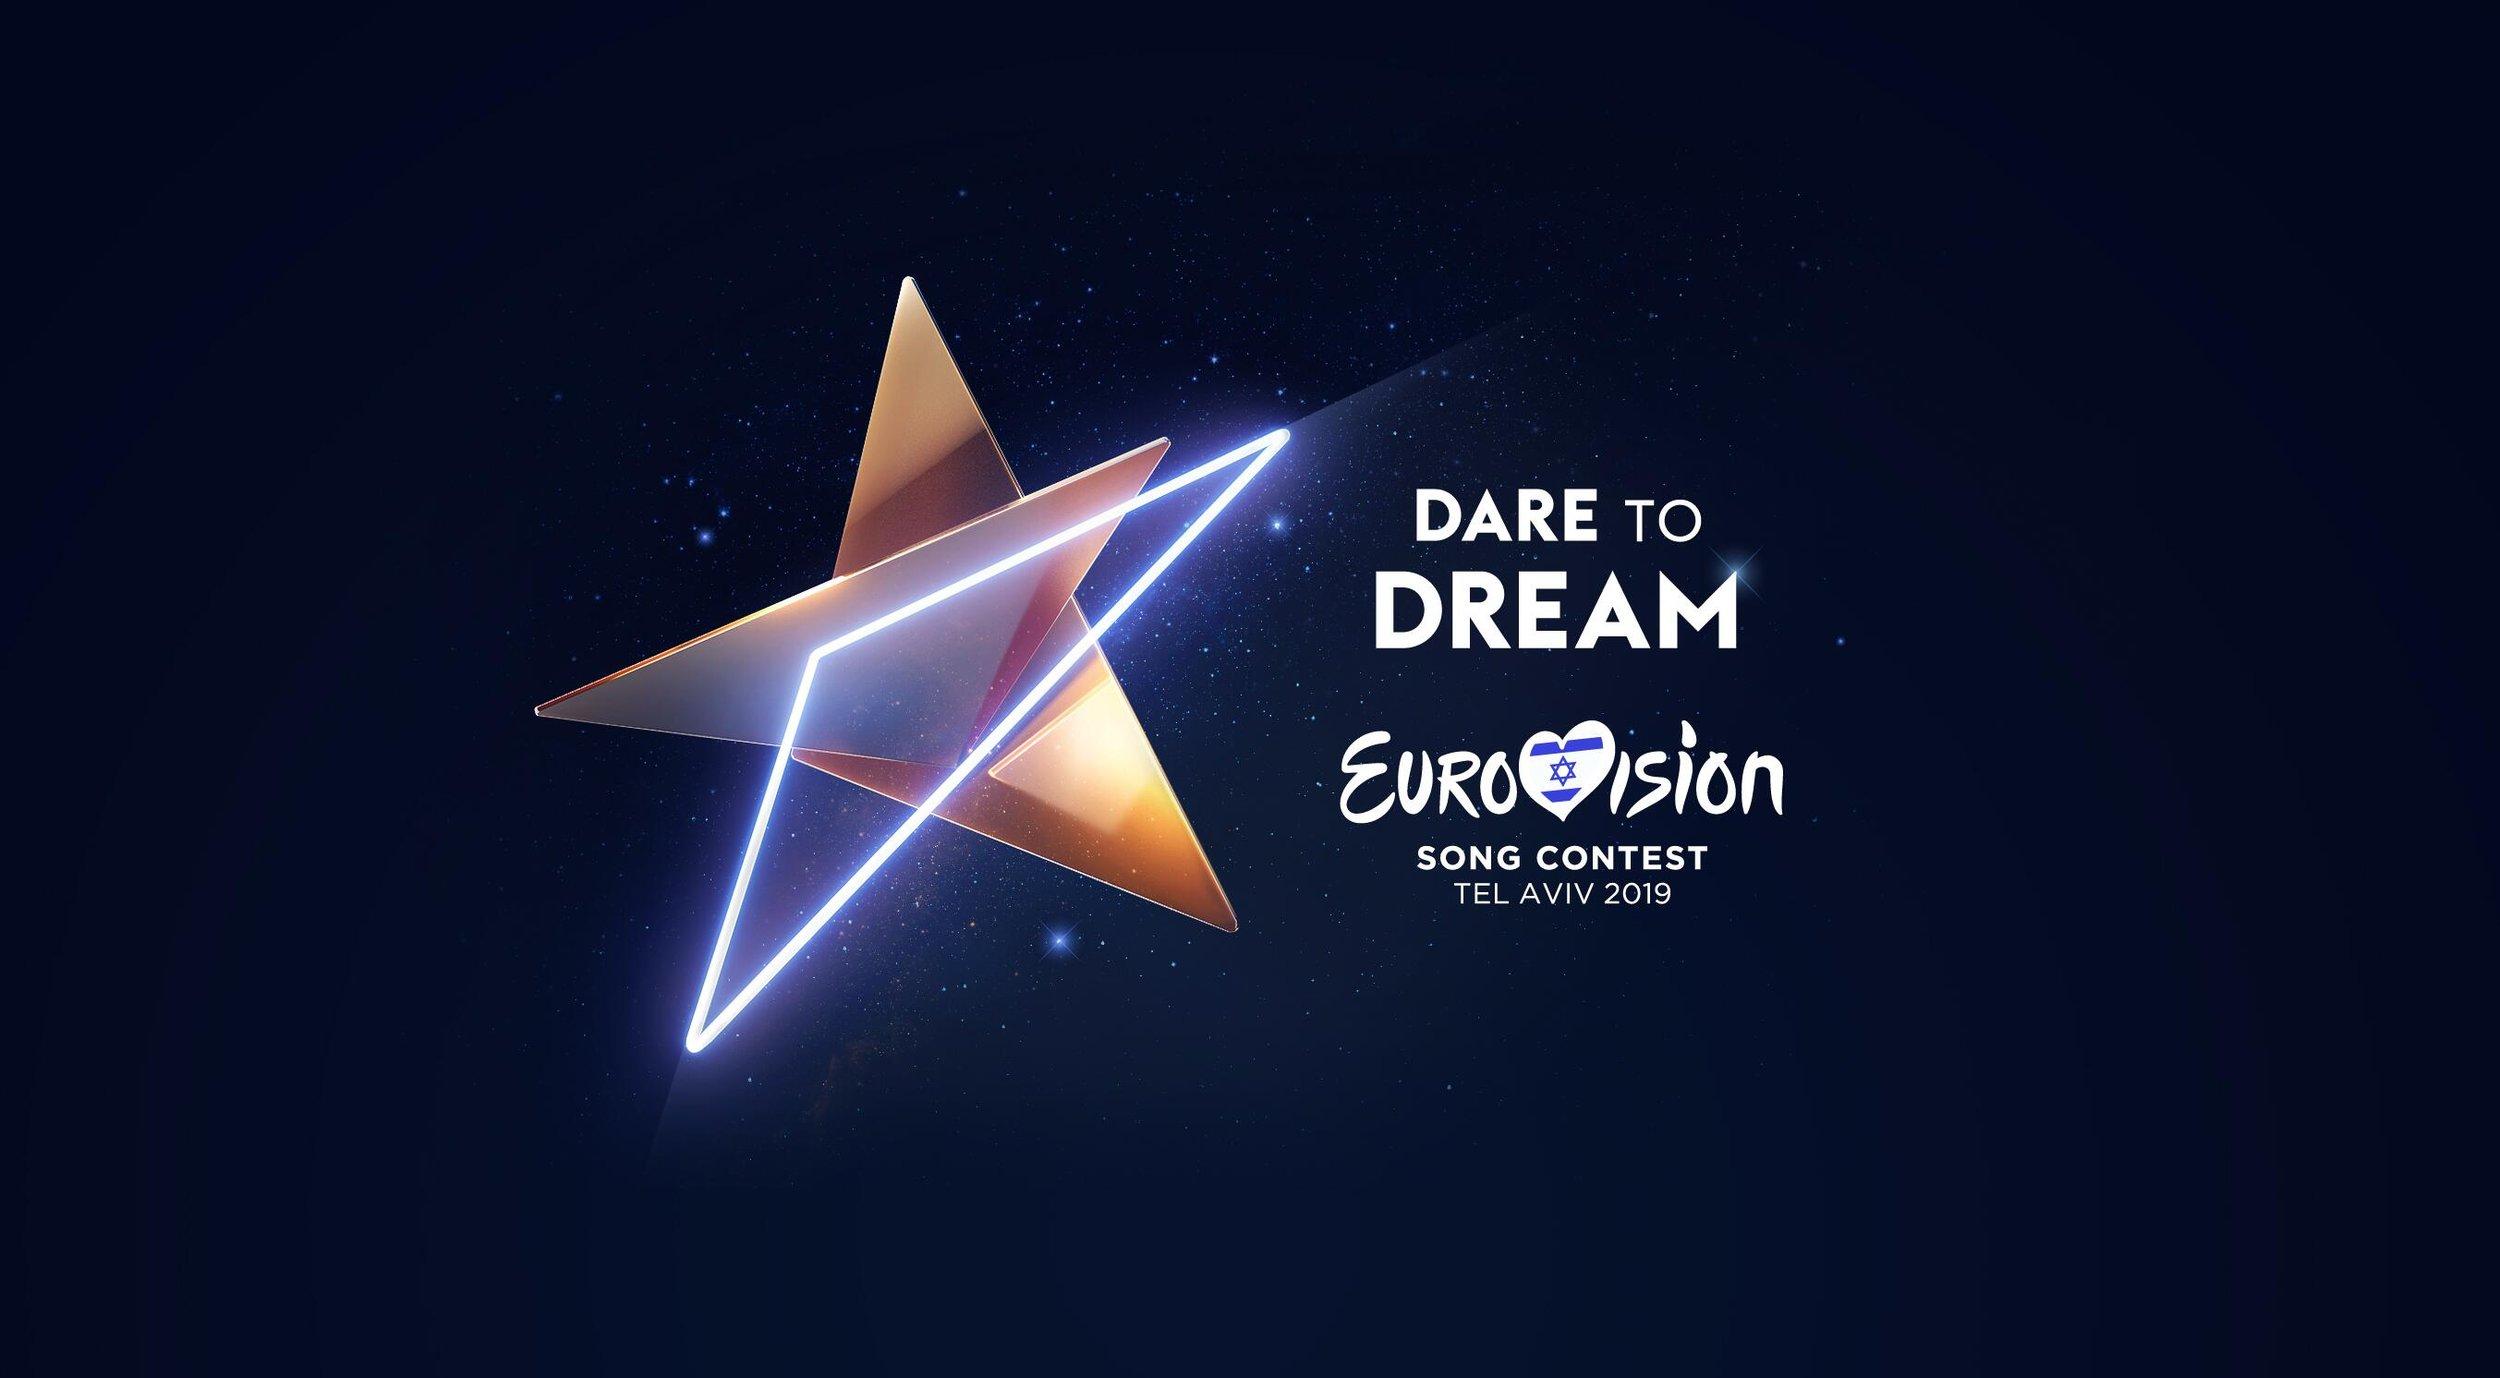 eurovision-song-contest-esc-2019.jpg